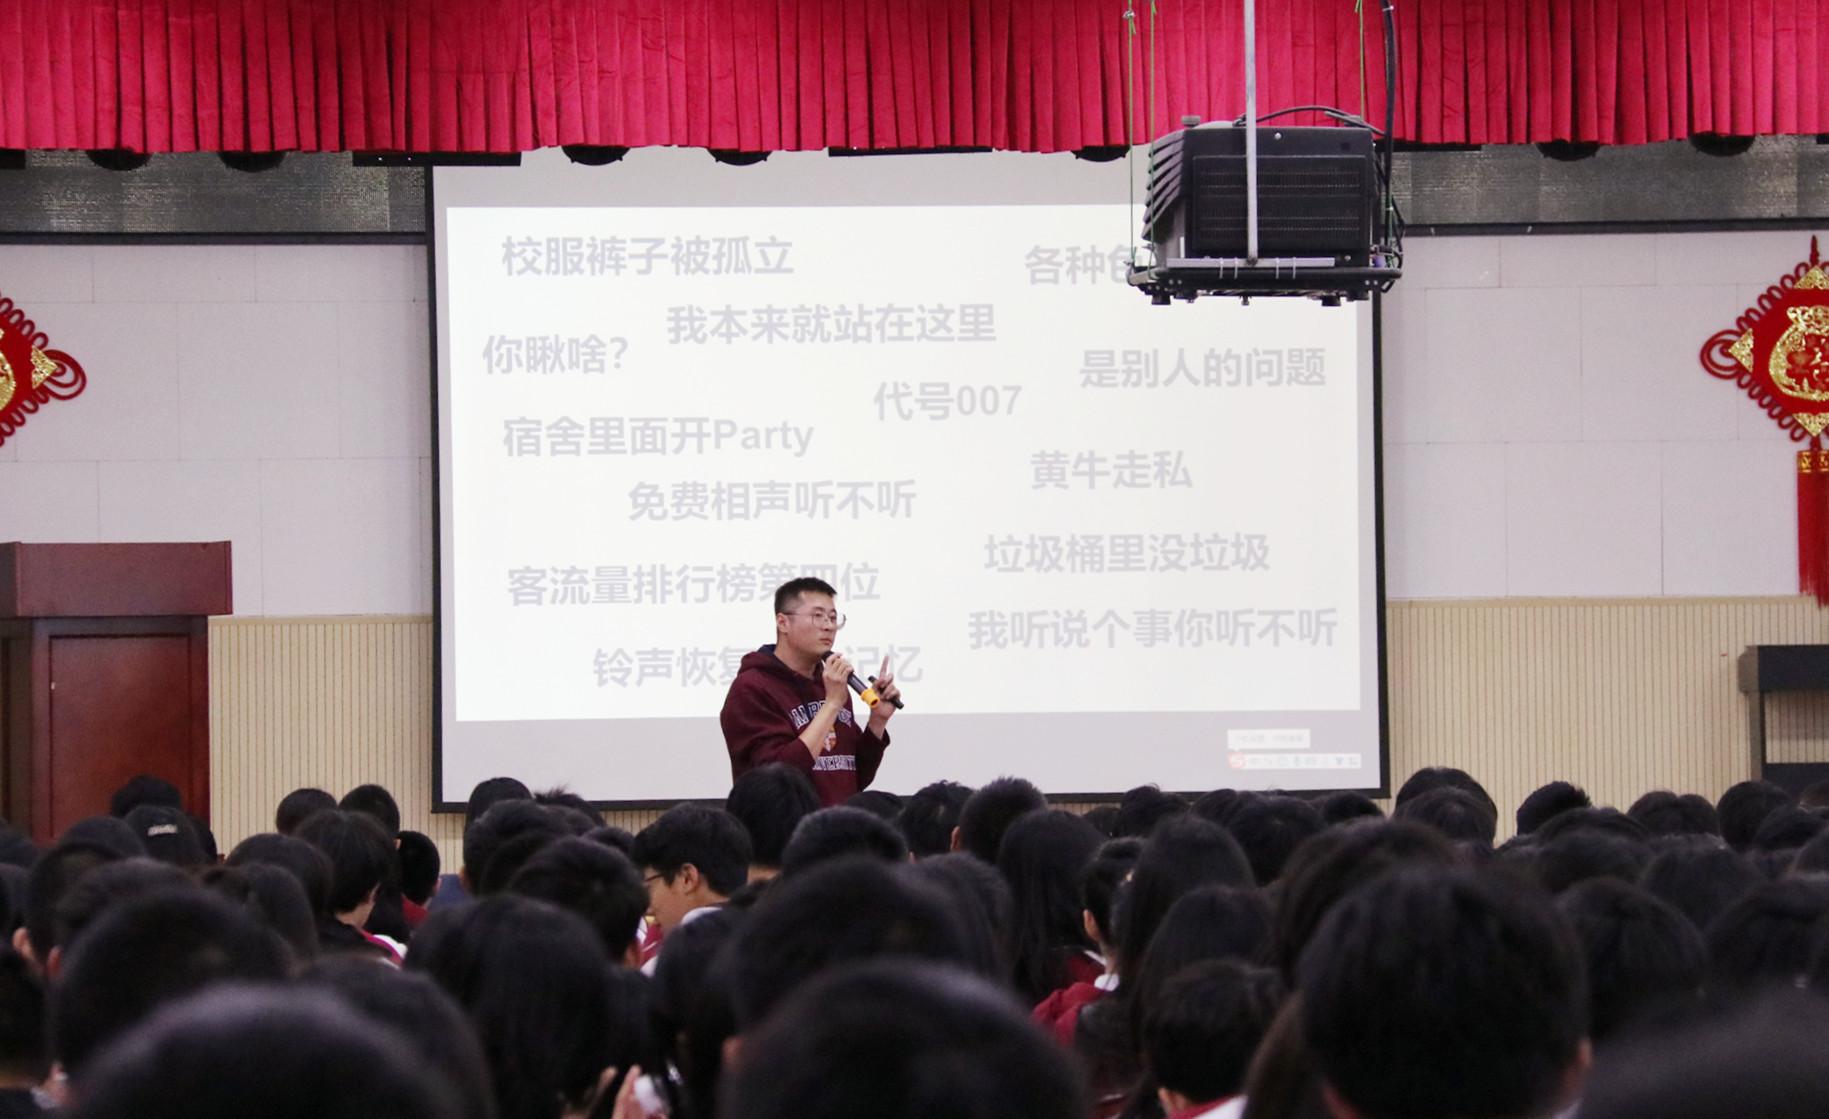 阳光德育,塑造品格∣我校召开十月德育师生大会